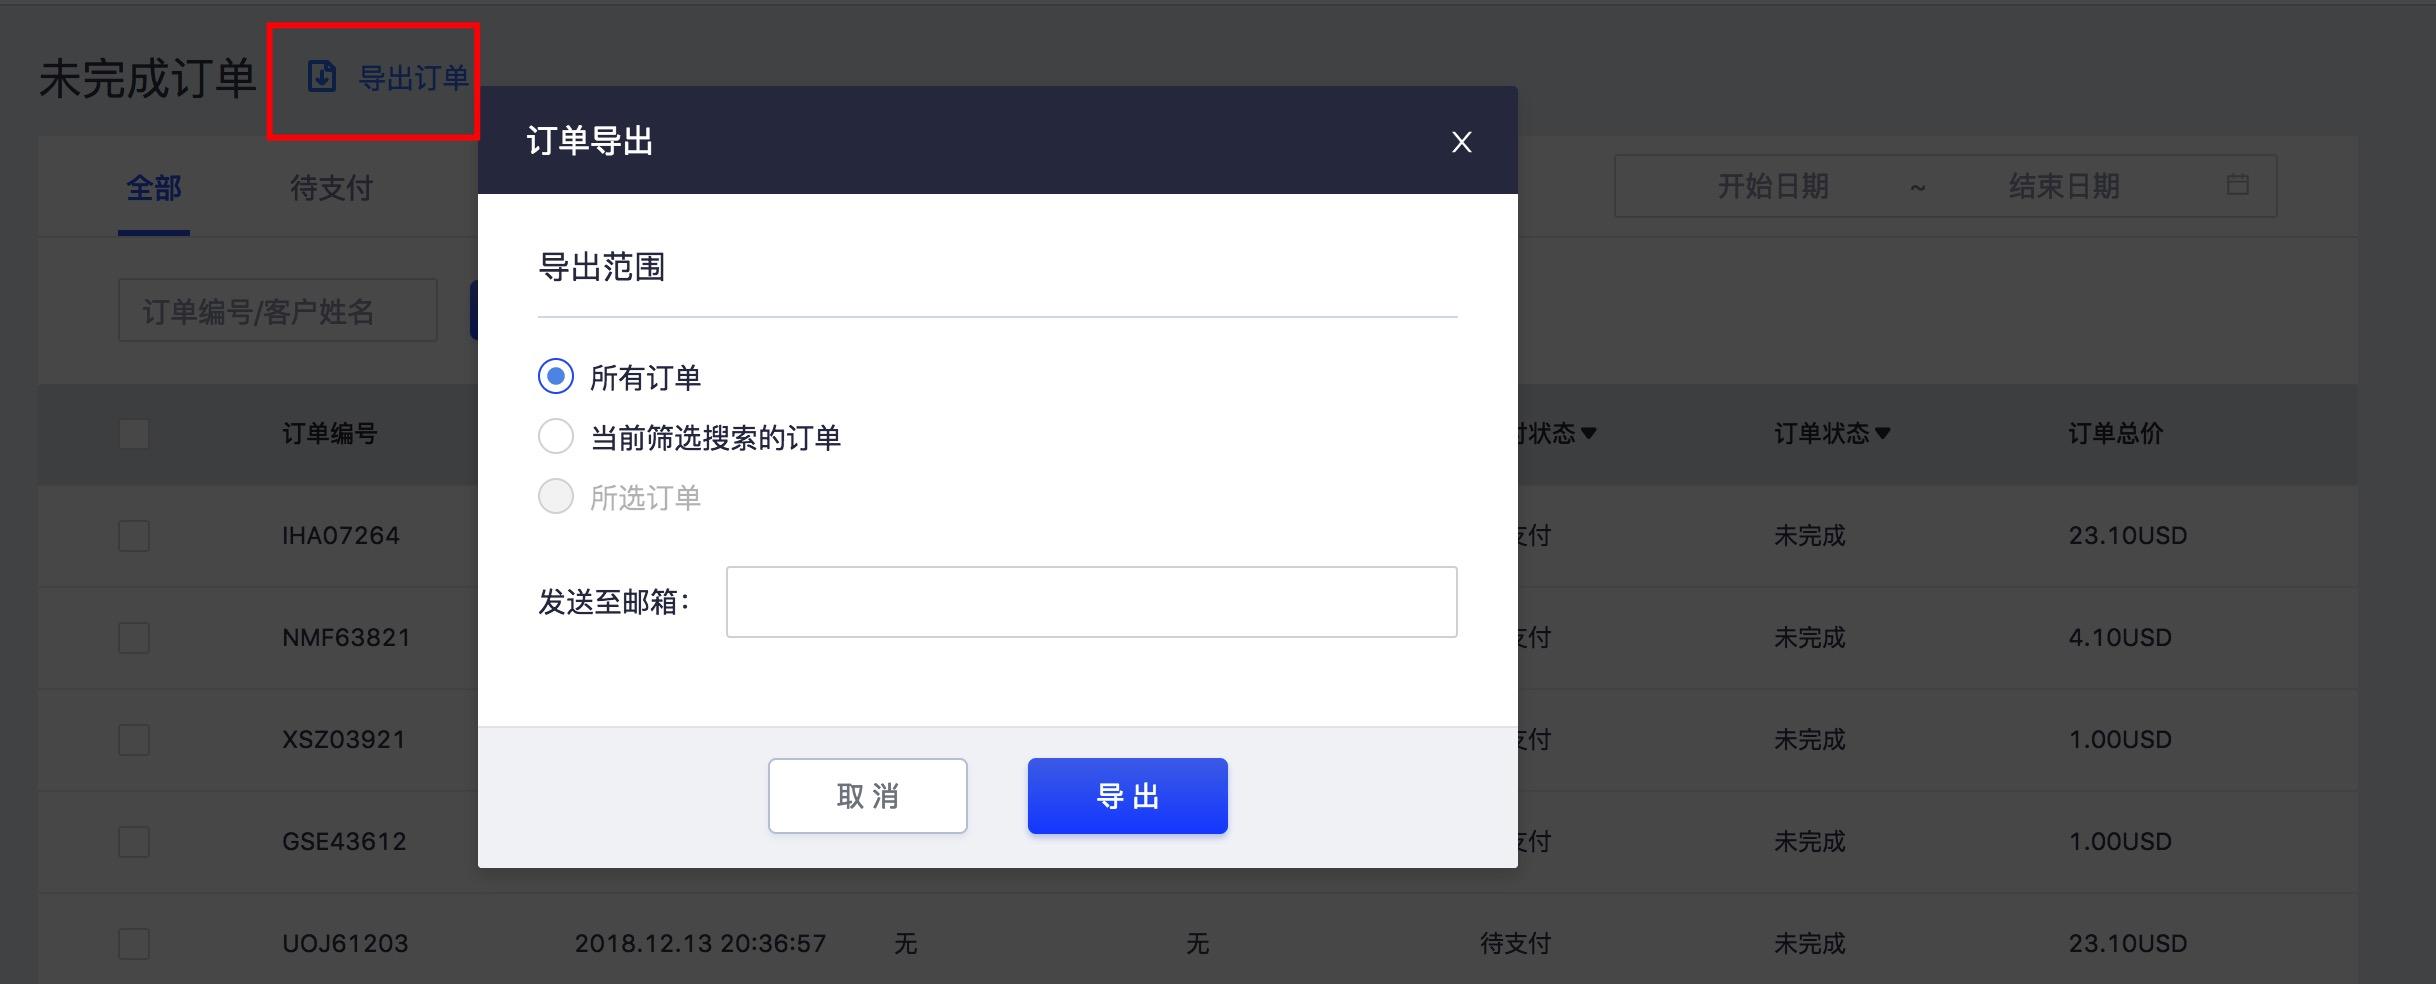 独立站店铺未完成订单功能介绍